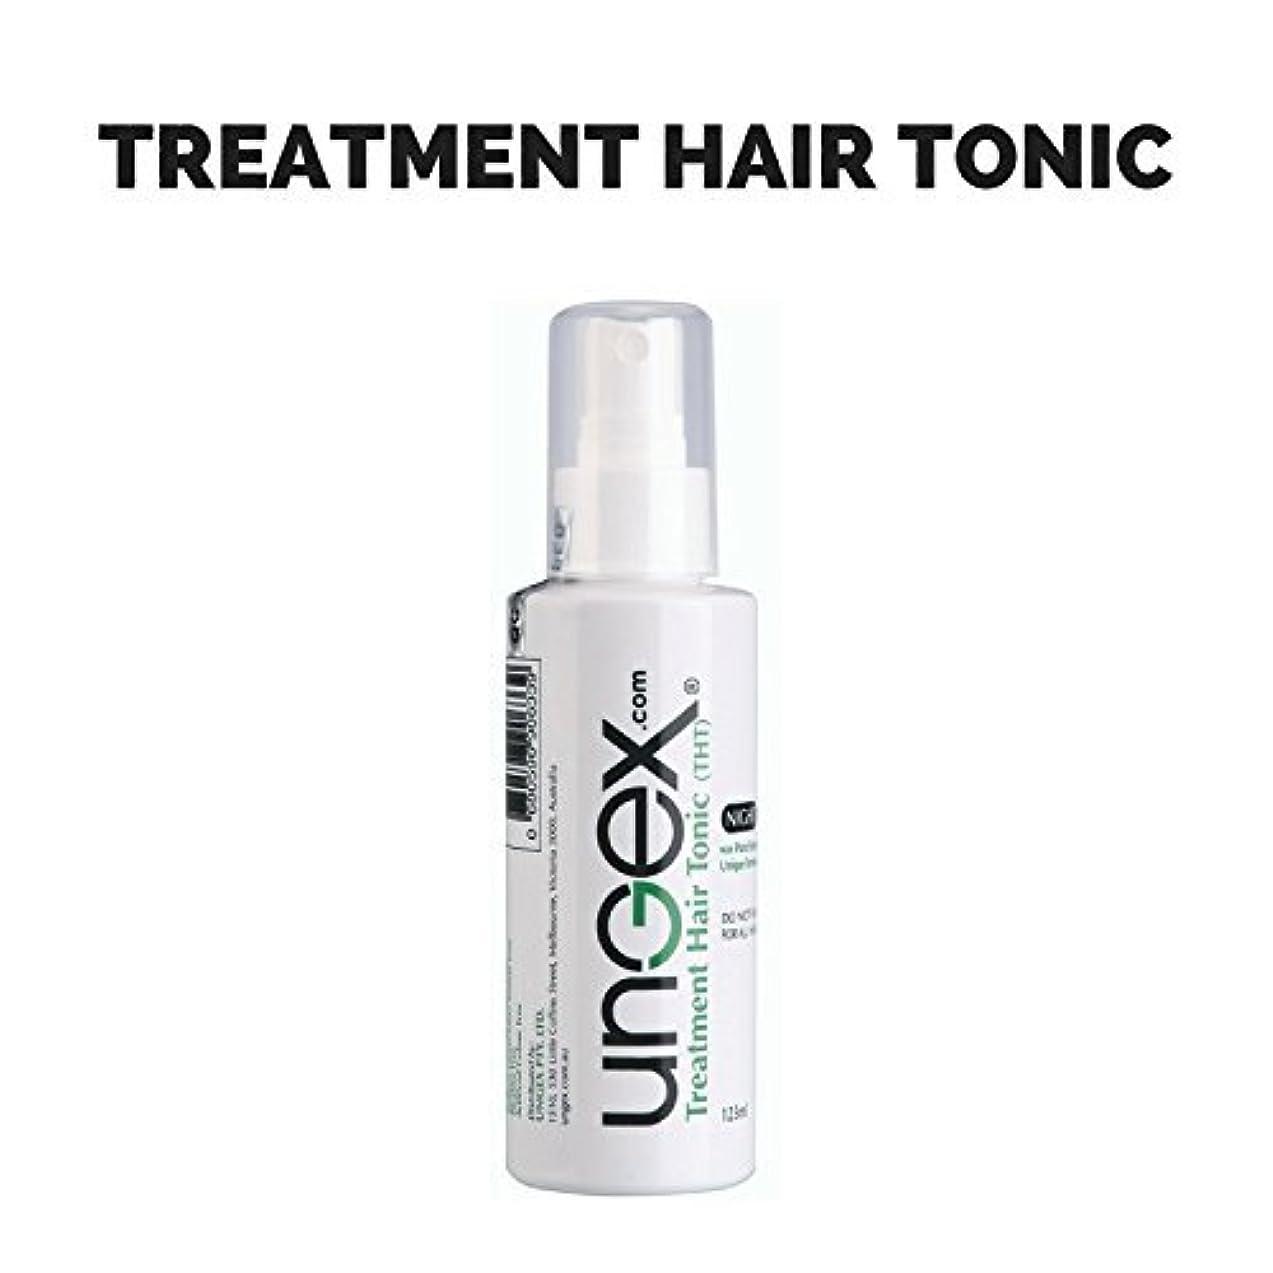 模索仲間連帯Treatment Hair Tonic - Protect Scalp and Soothe Itching from Demodex Mites